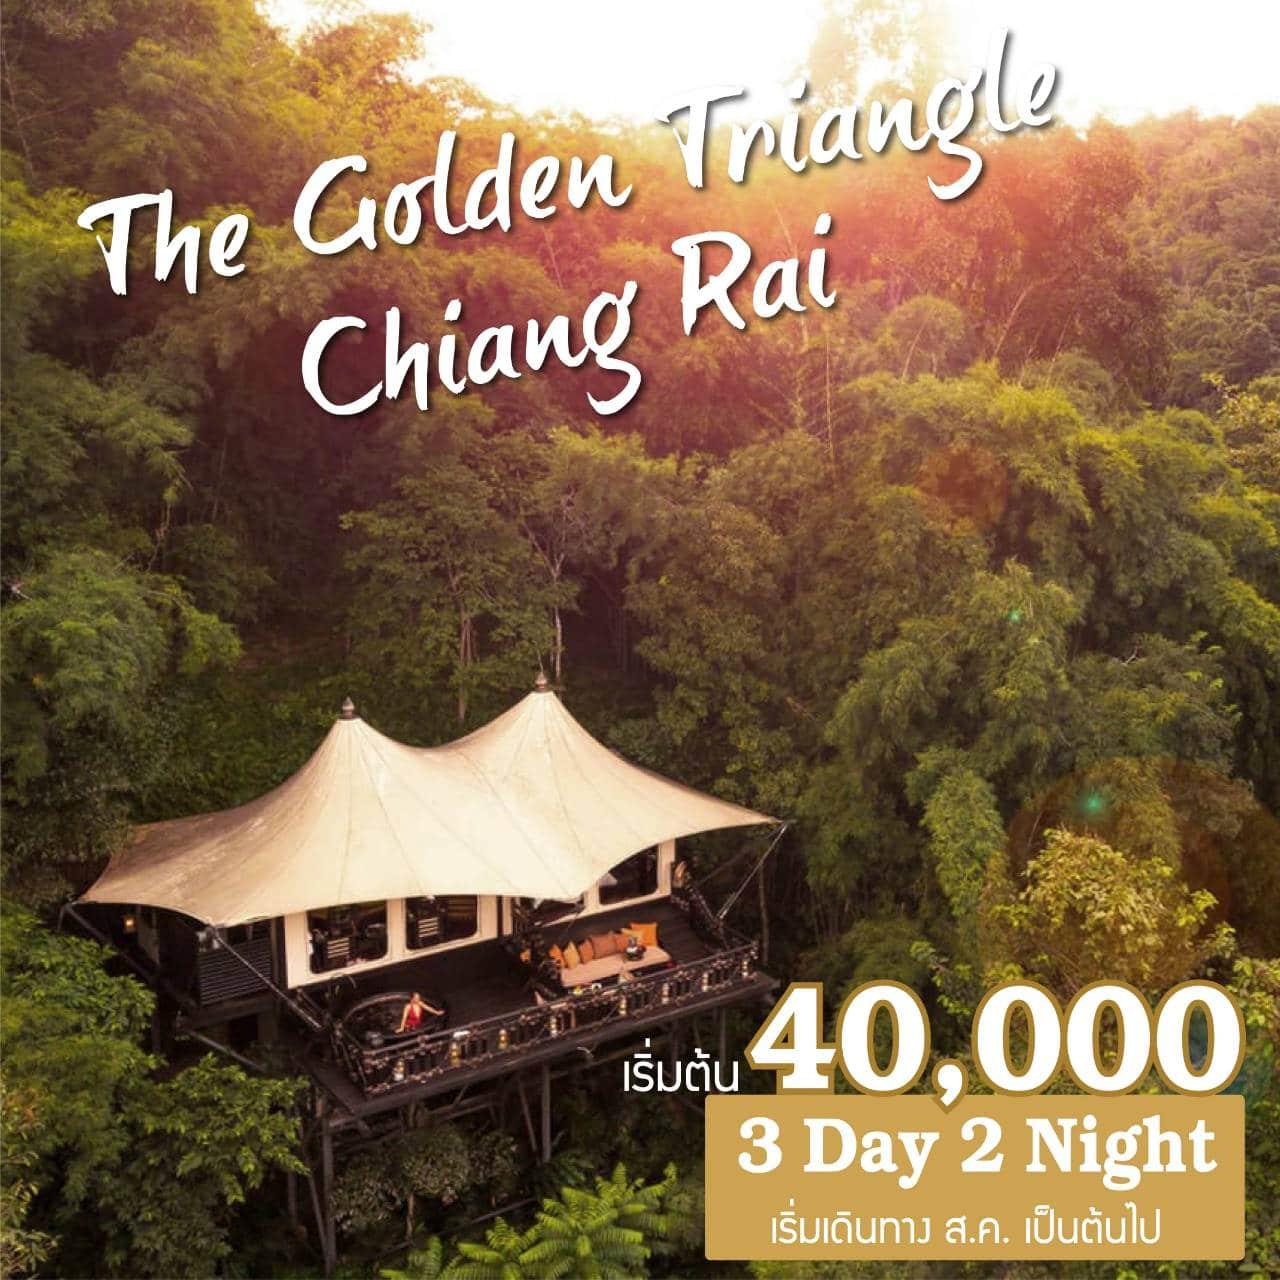 แพ็กเกจเชียงราย 3วัน2คืน โรงแรม Four Seasons Tented Camp Golden Triangle สามเหลี่ยมทองคำ เดินทางโดยเครื่องบิน ราคาเริ่มต้น 40,000 บาท